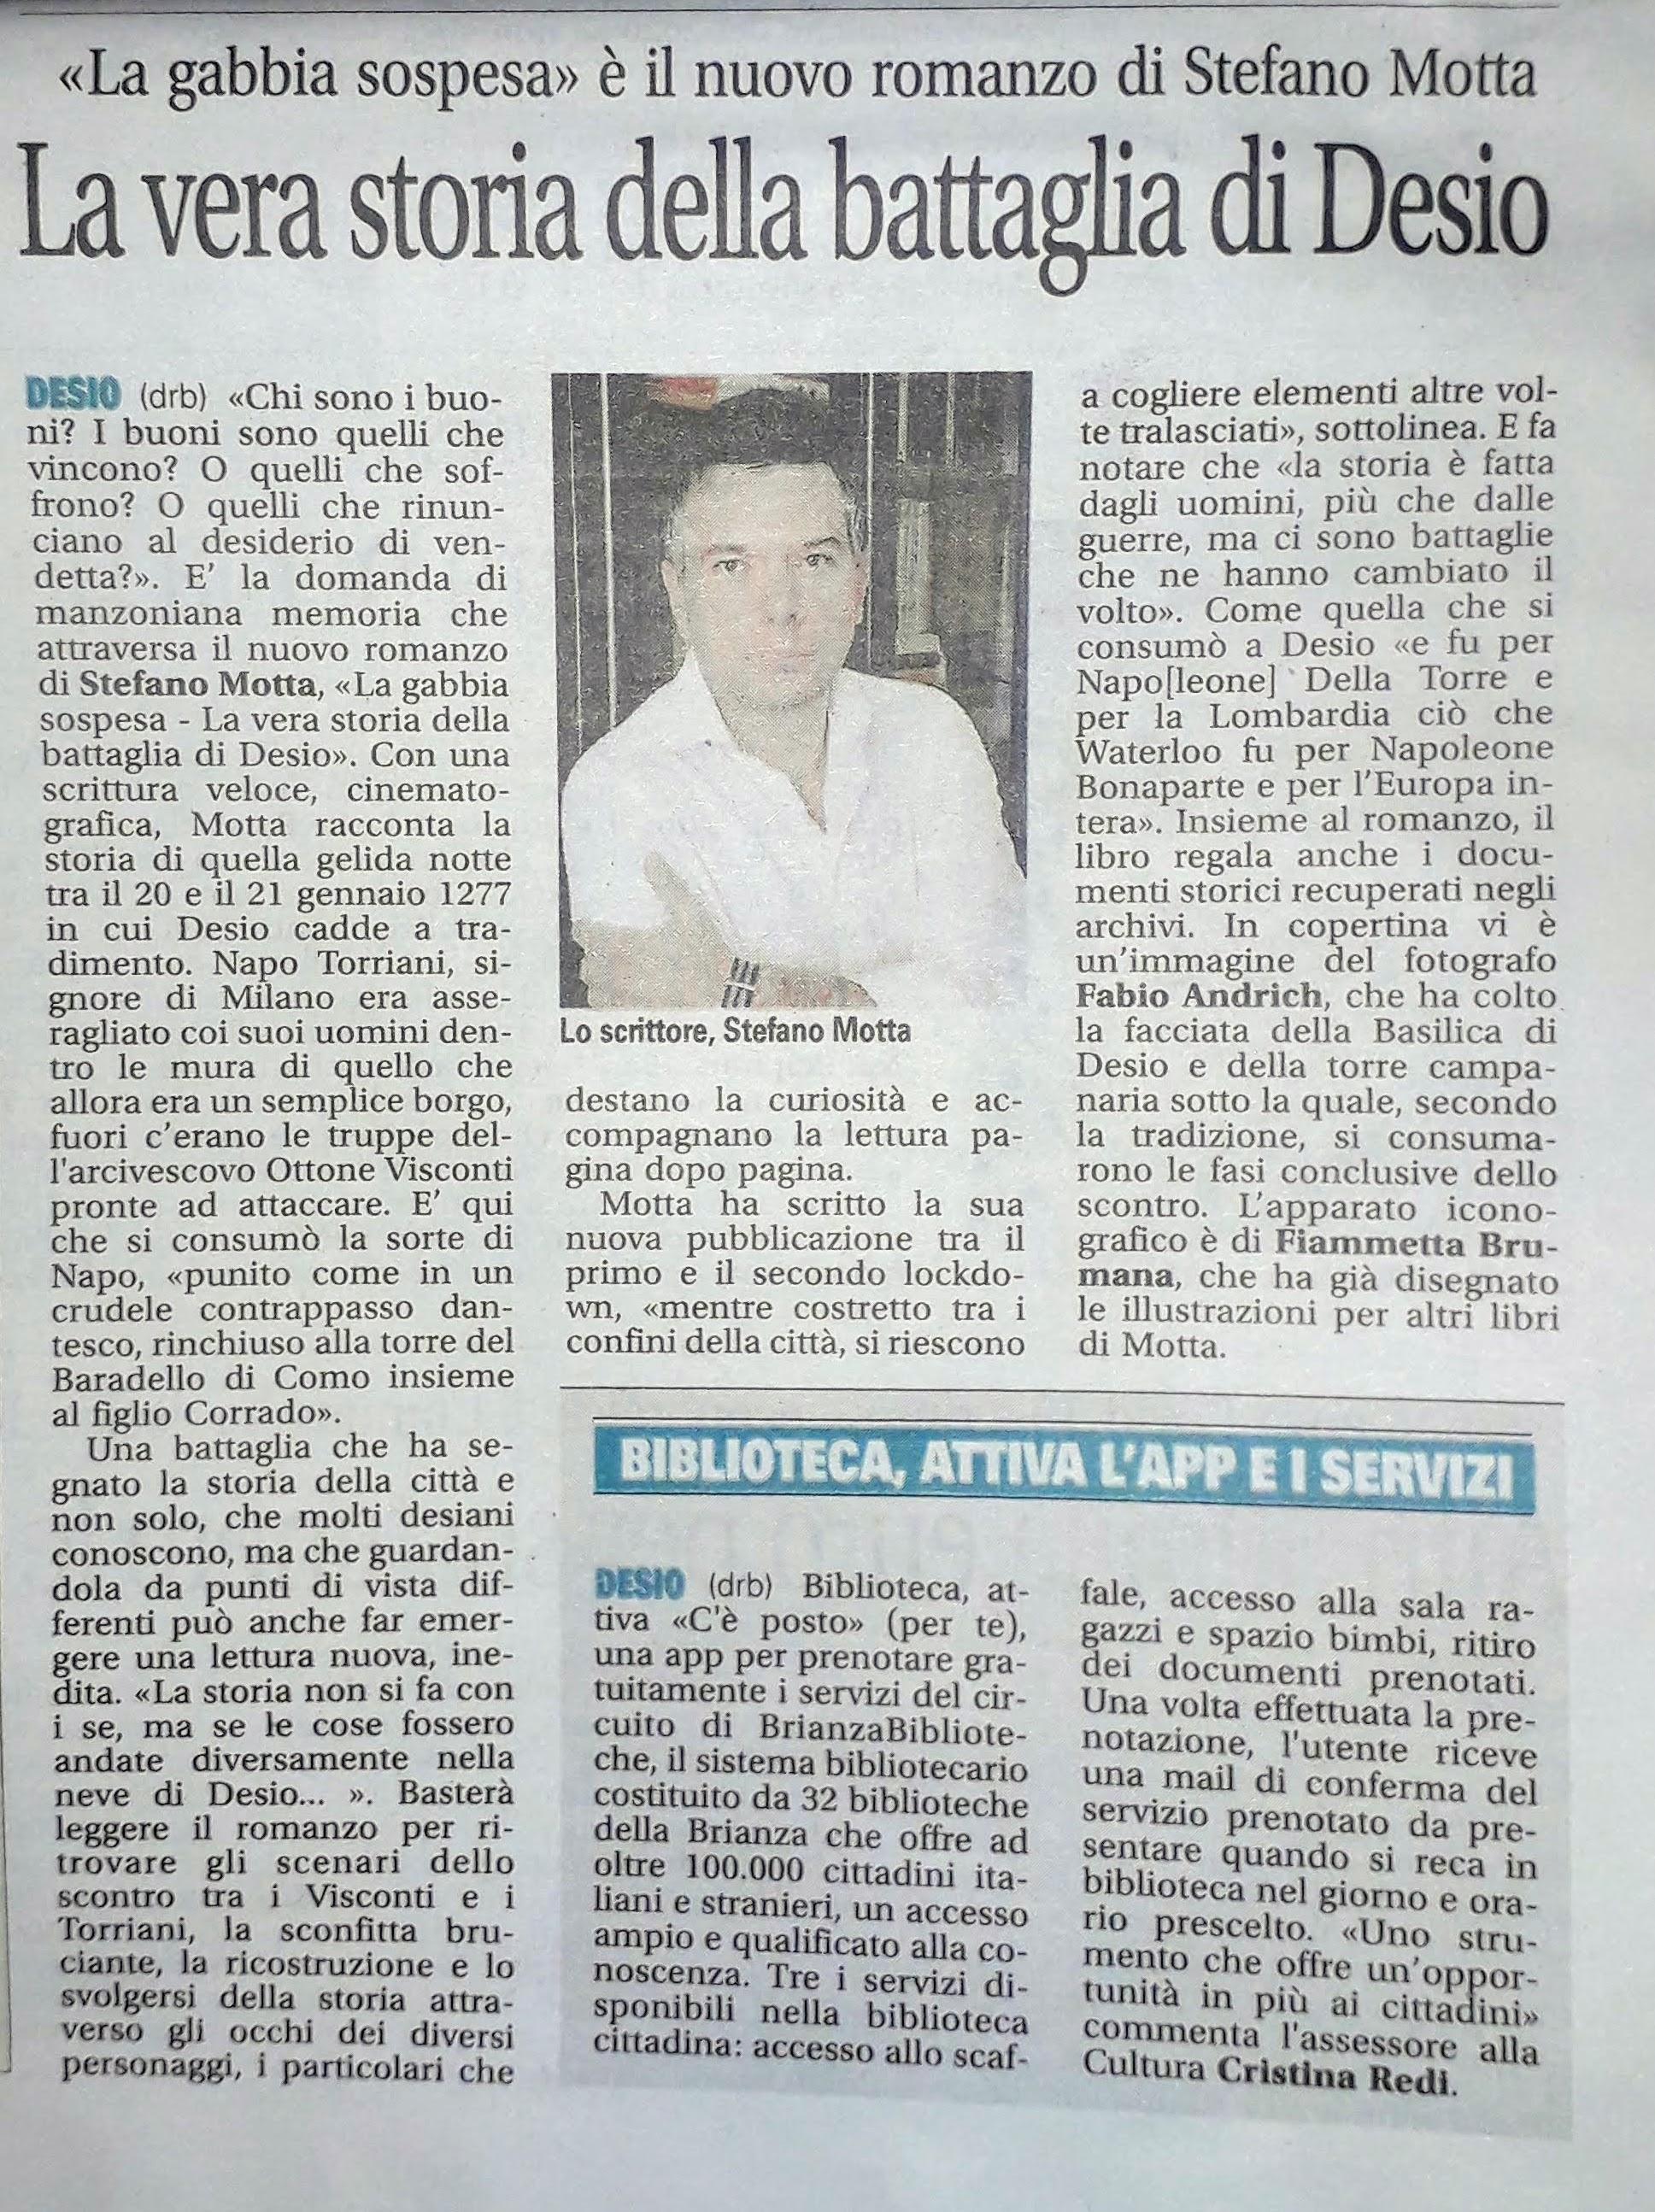 Giornale di Desio_15-12-20, p. 62